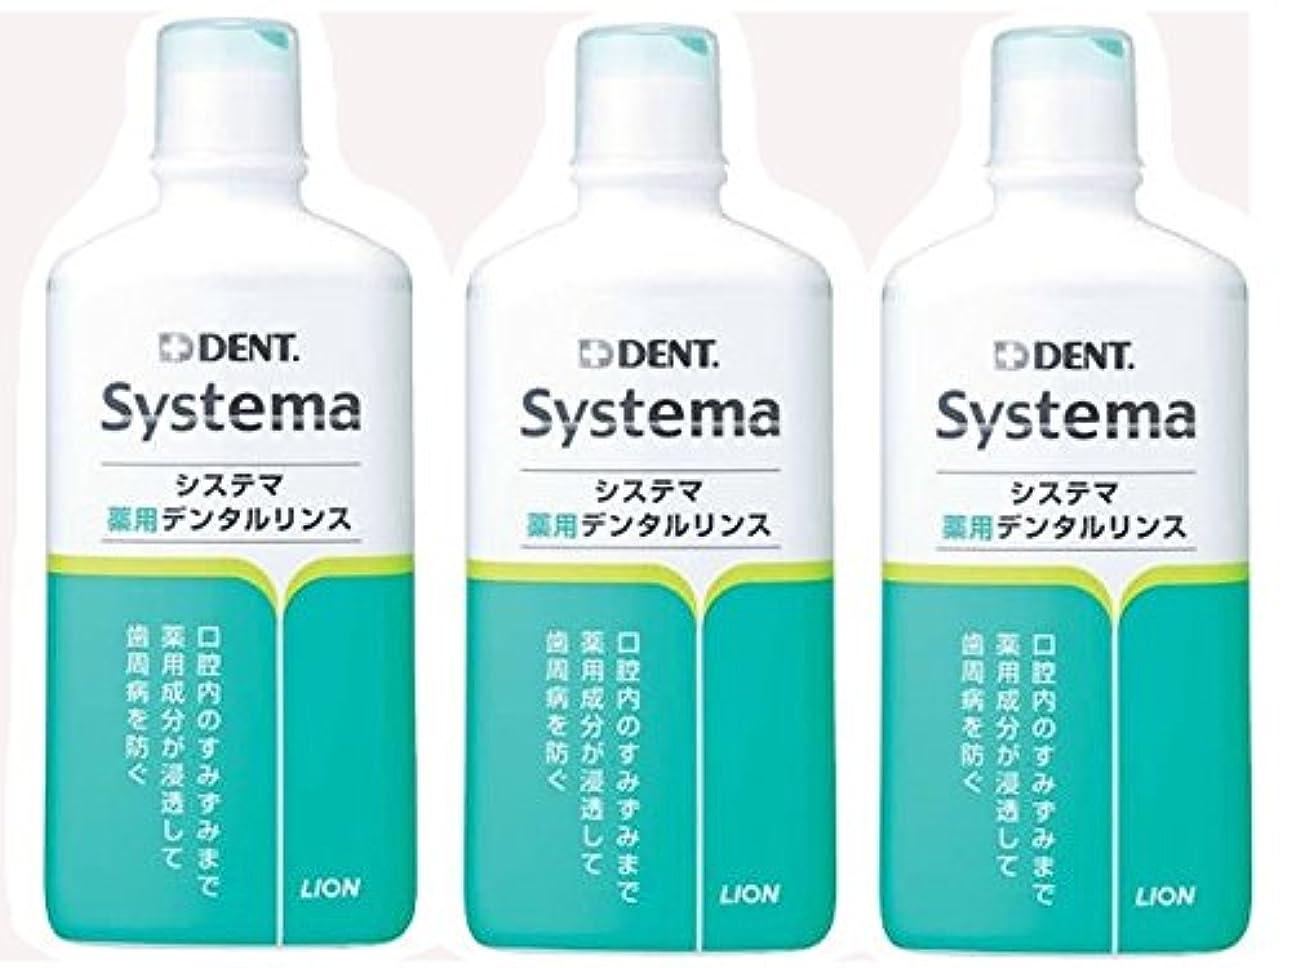 浸漬組み込むかわいらしいデント システマ 薬用デンタルリンス レギュラータイプ(アルコール配合) 450ml 3本セット